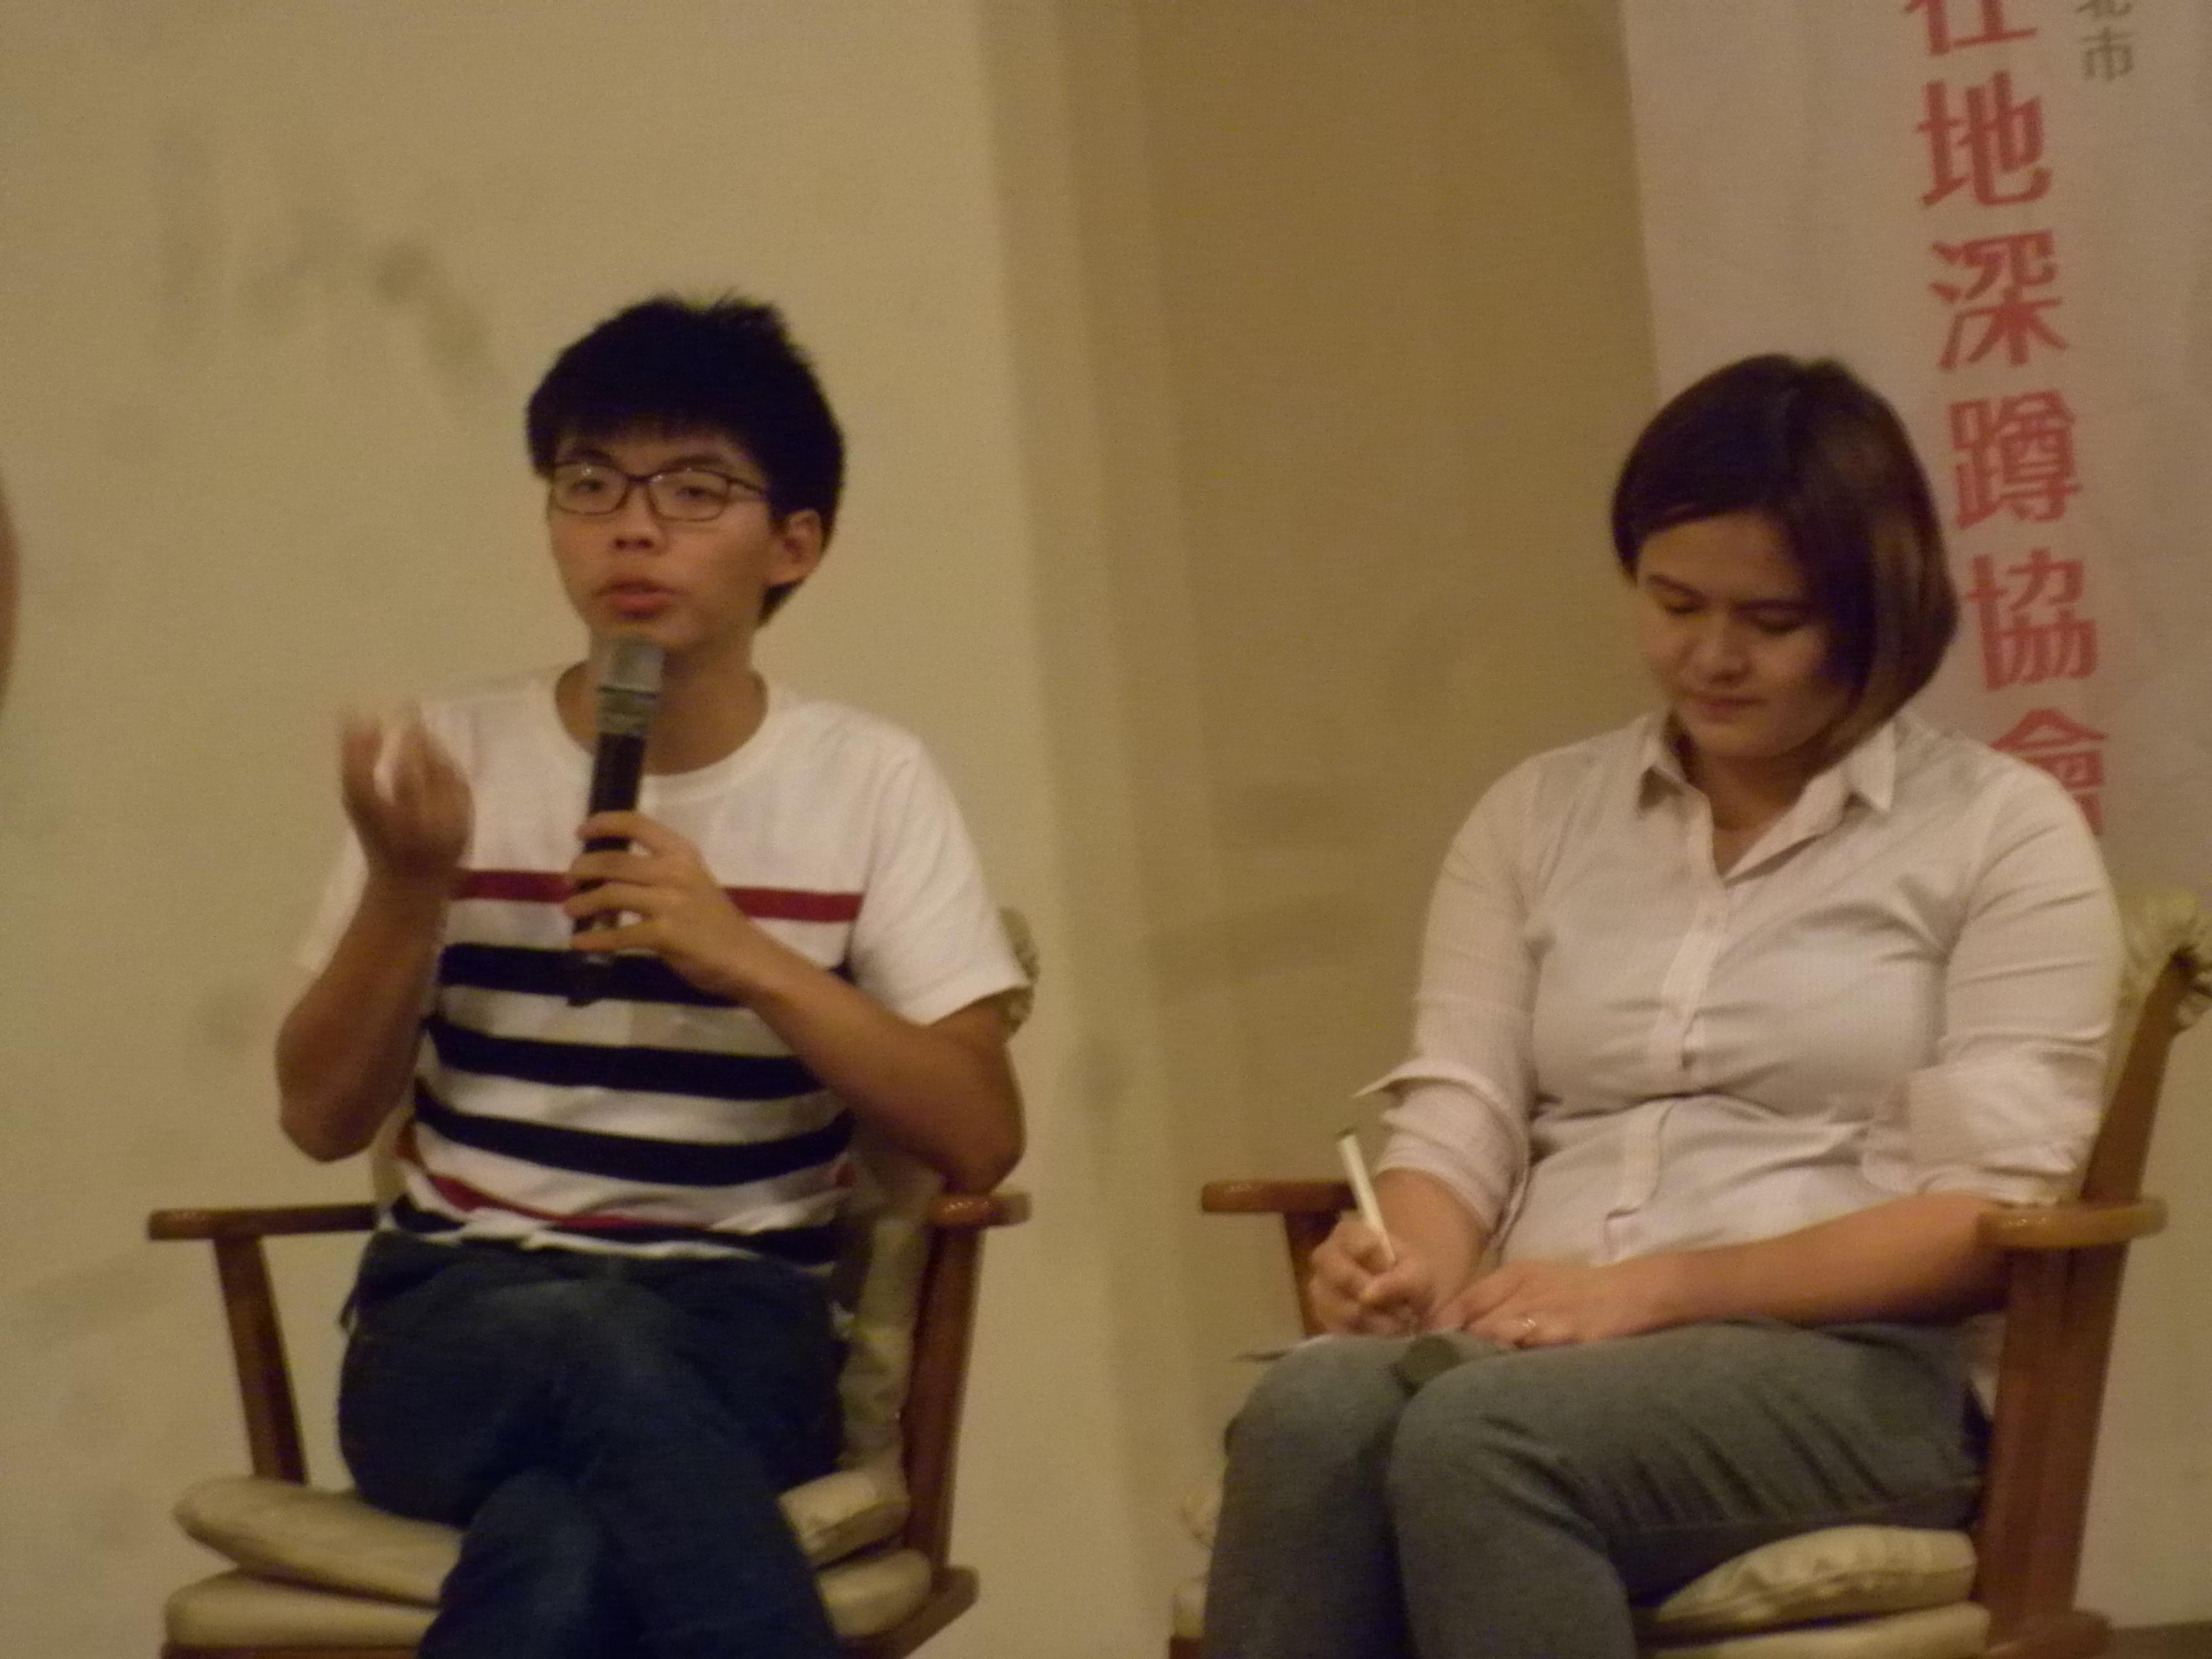 港台社運對談 黃之鋒:進入體制理念會打折